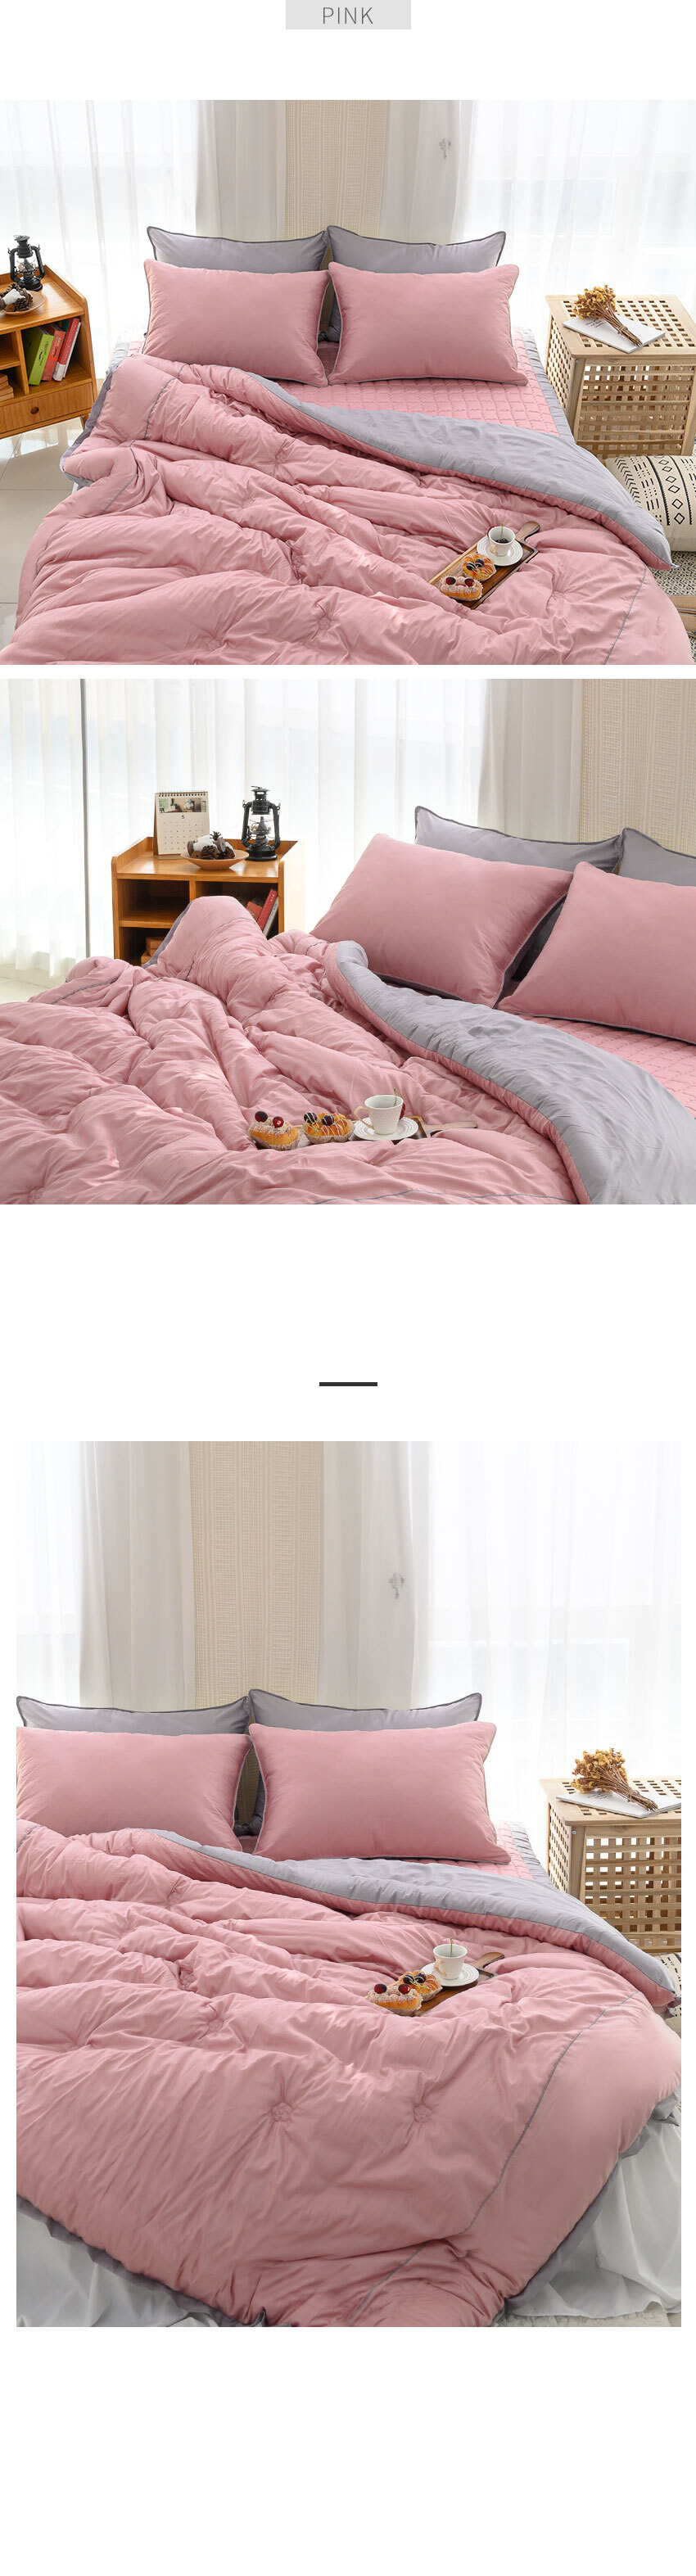 anna_bed_pink_01.jpg